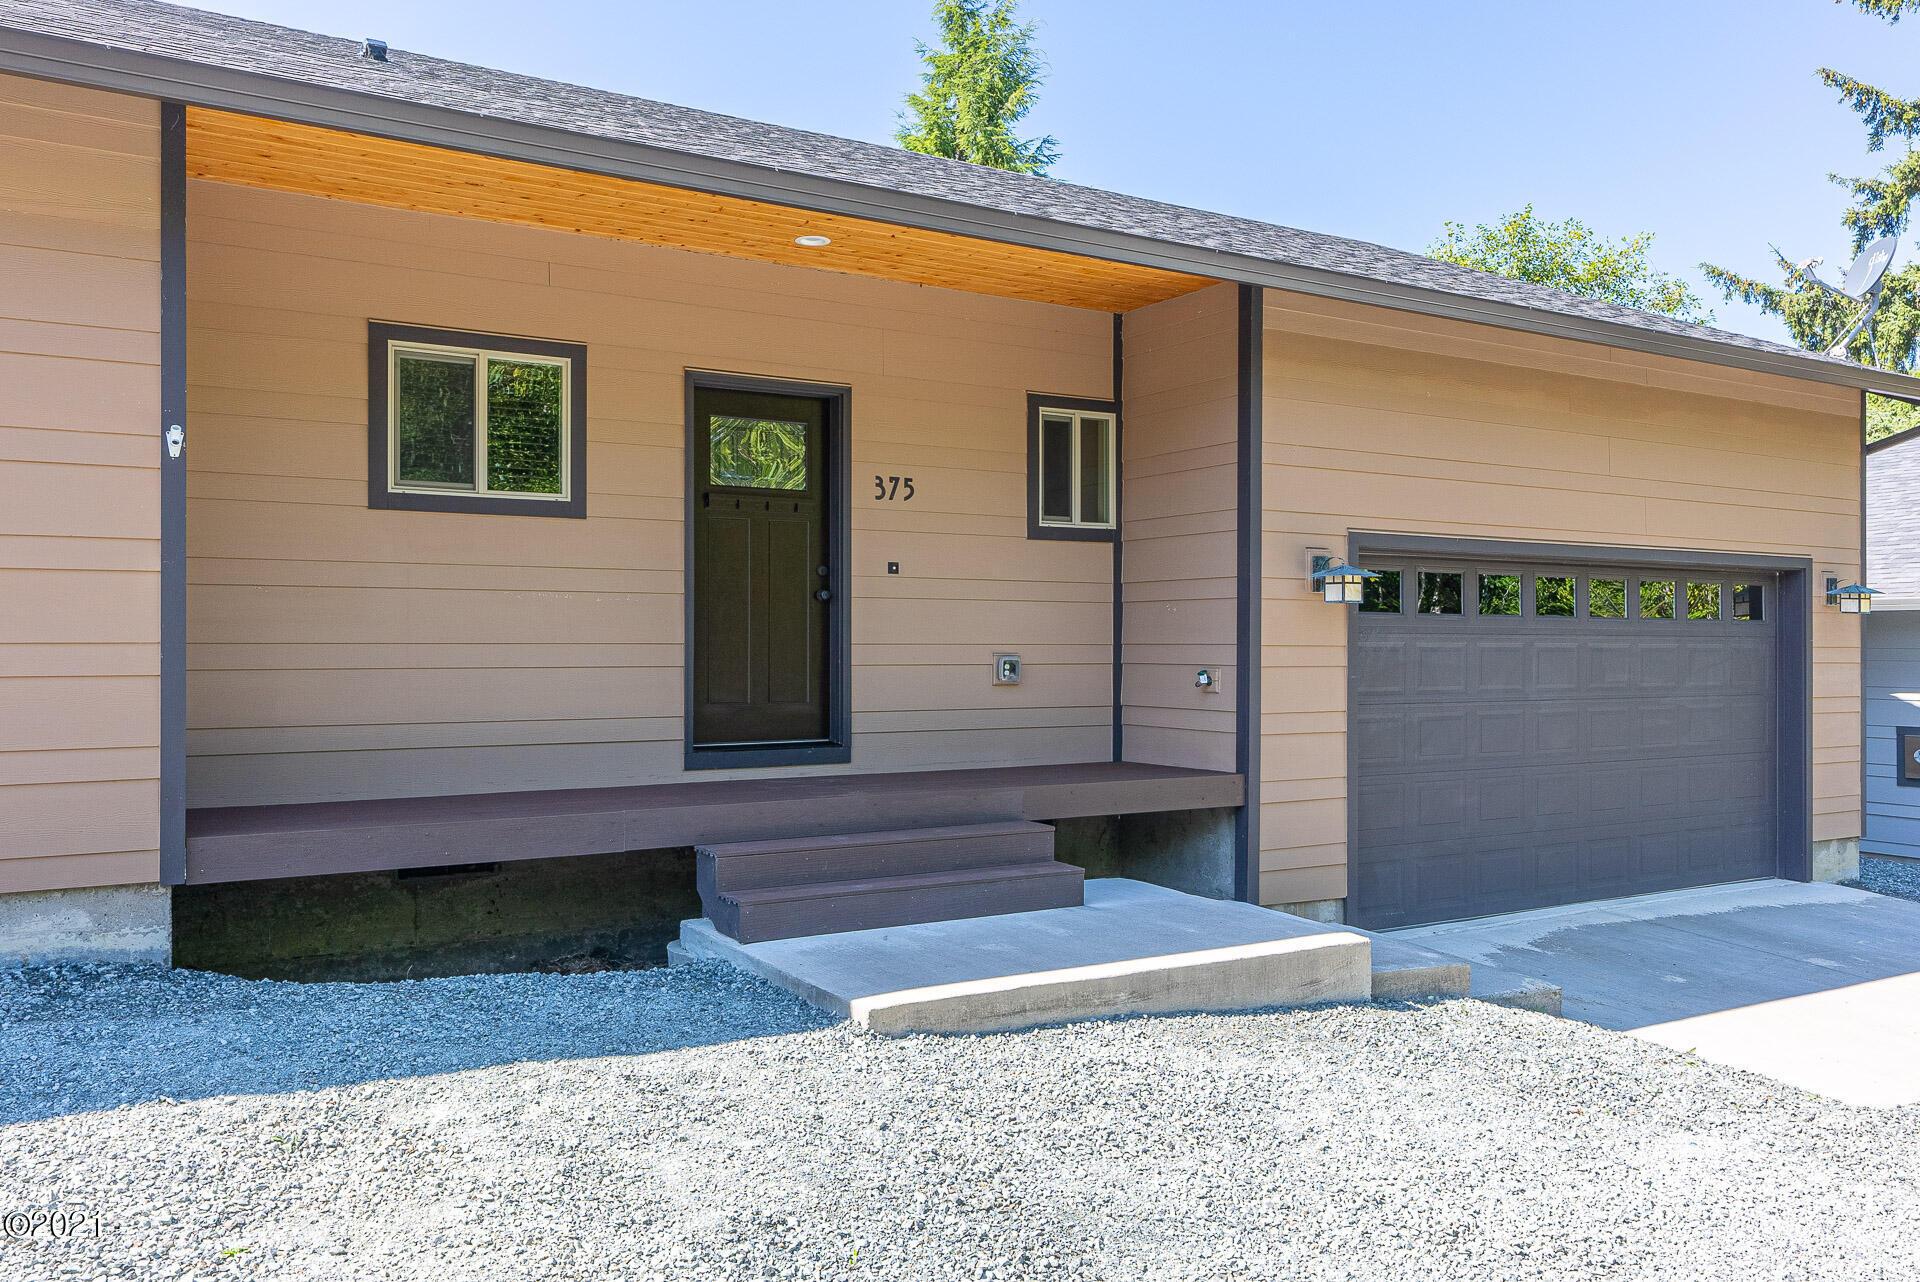 375 N Juniper Ct, Rockaway Beach, OR 97136 - Front of House